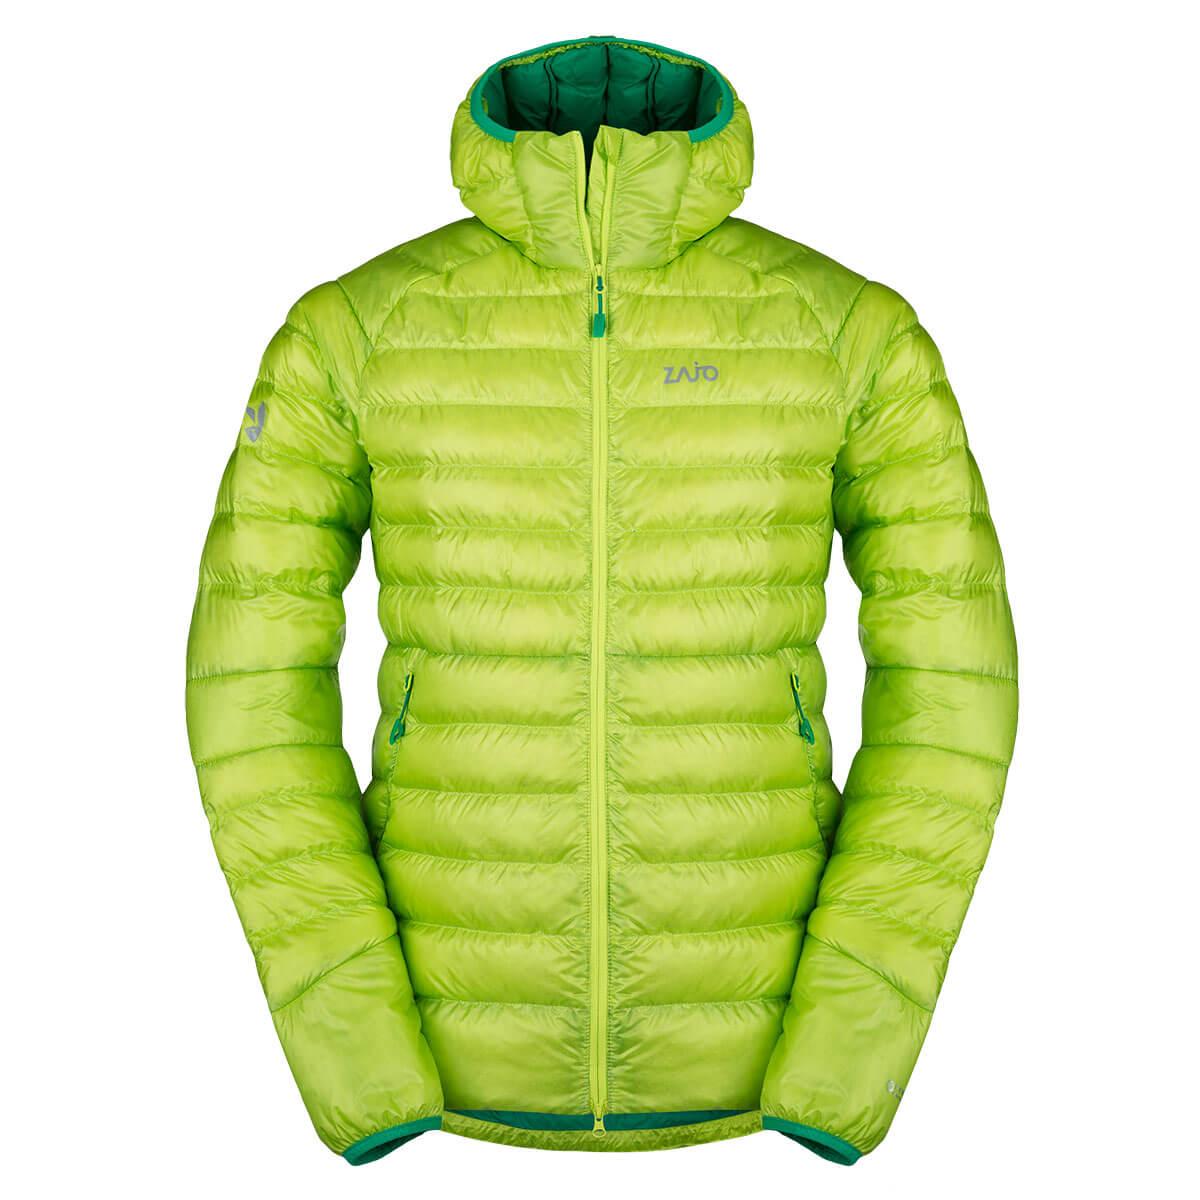 ZAJO Pánska bunda Lofer JKT Acid Lime - veľkosť M